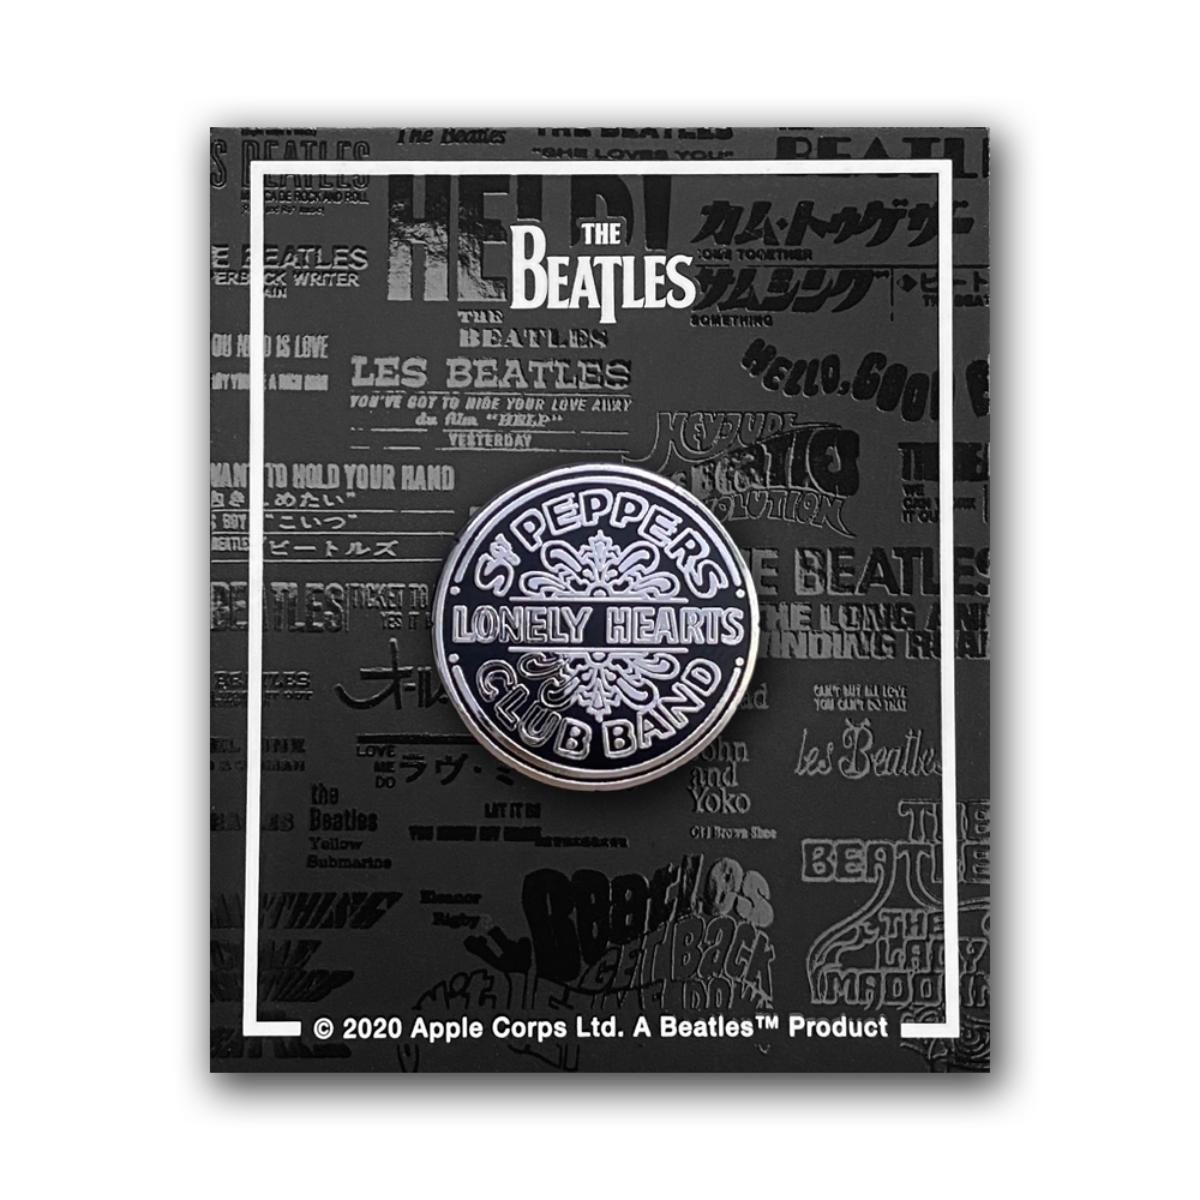 Sgt. Pepper's Enamel Pin